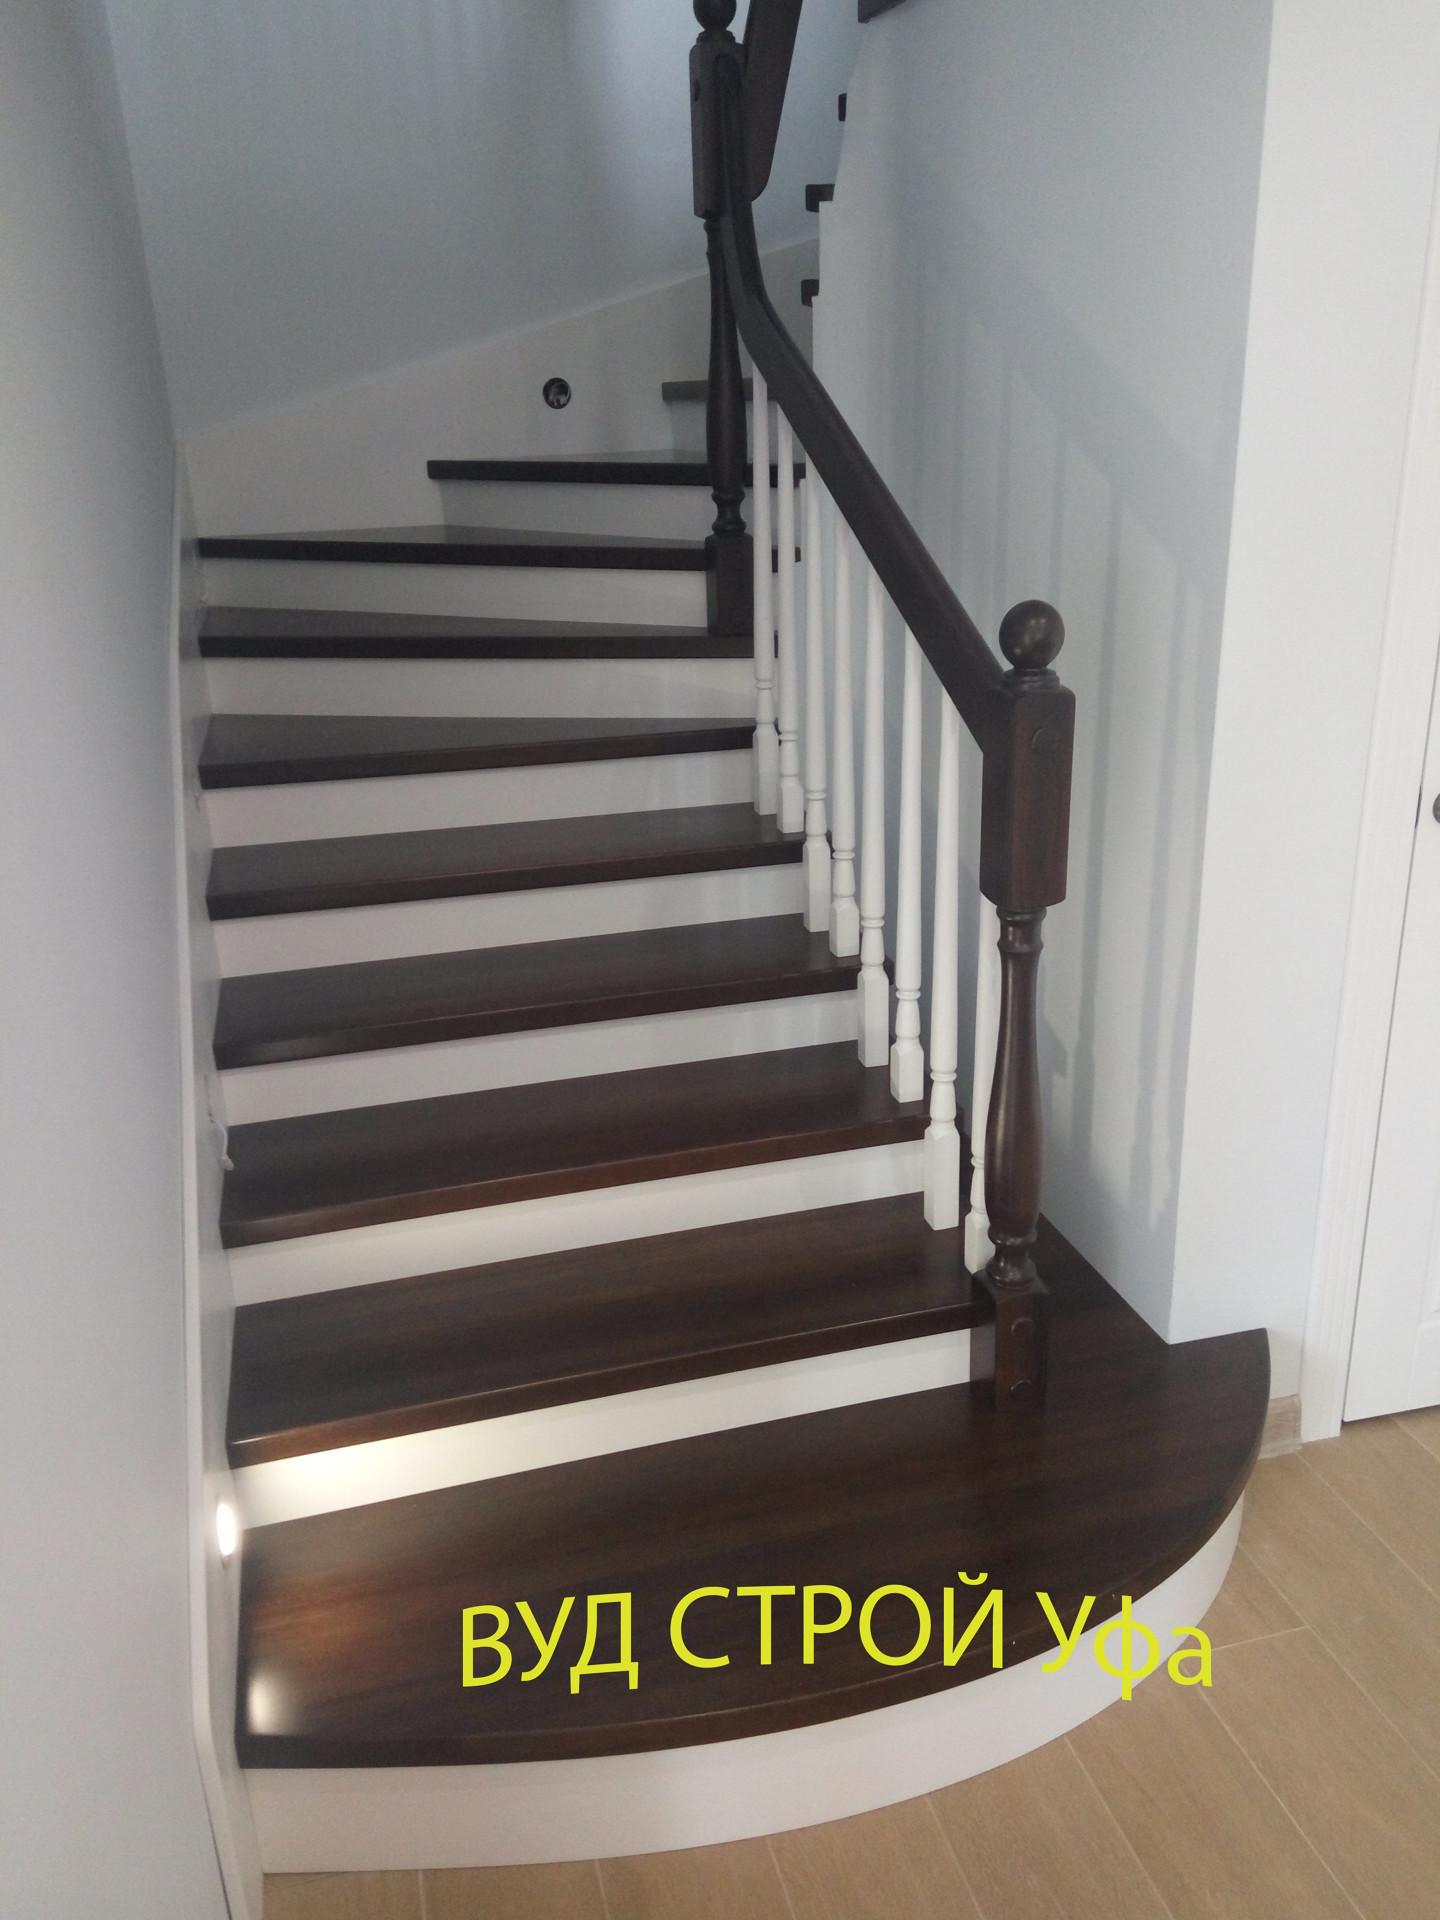 Балясины для деревянных лестниц купить в Минске Цены